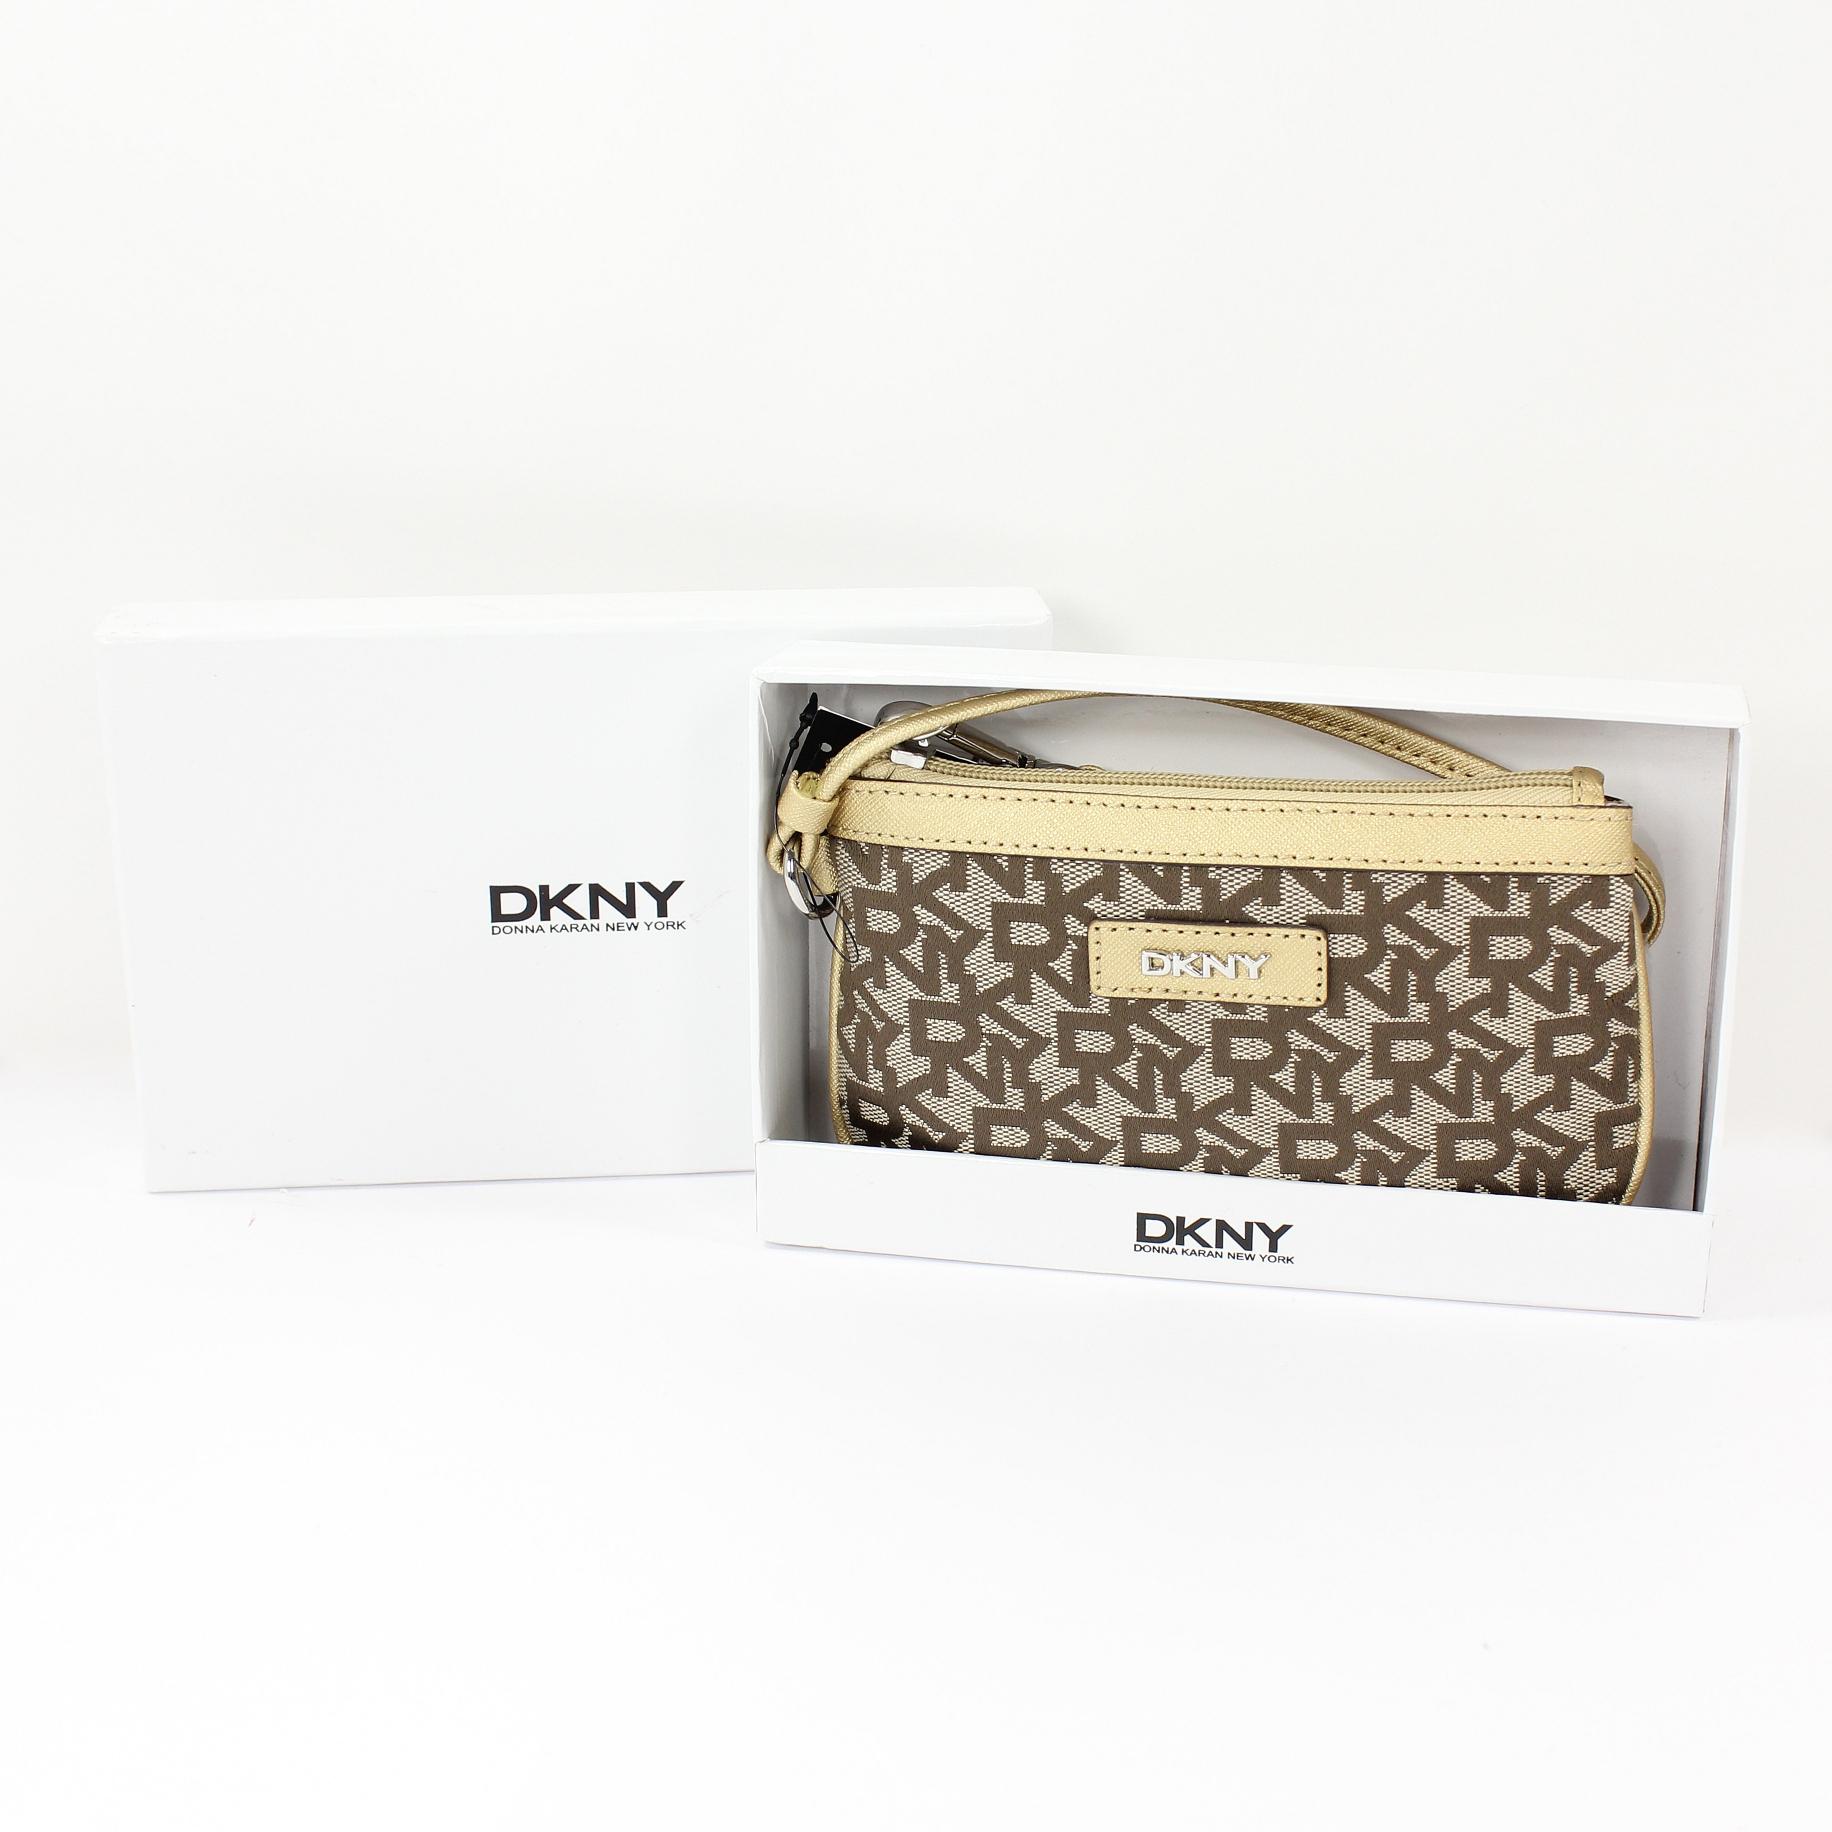 美國百分百【全新真品】DKNY 手拿包 金色 手機包 錢包 皮包 提花布 禮盒 皮革 經典 Logo 女包 A693